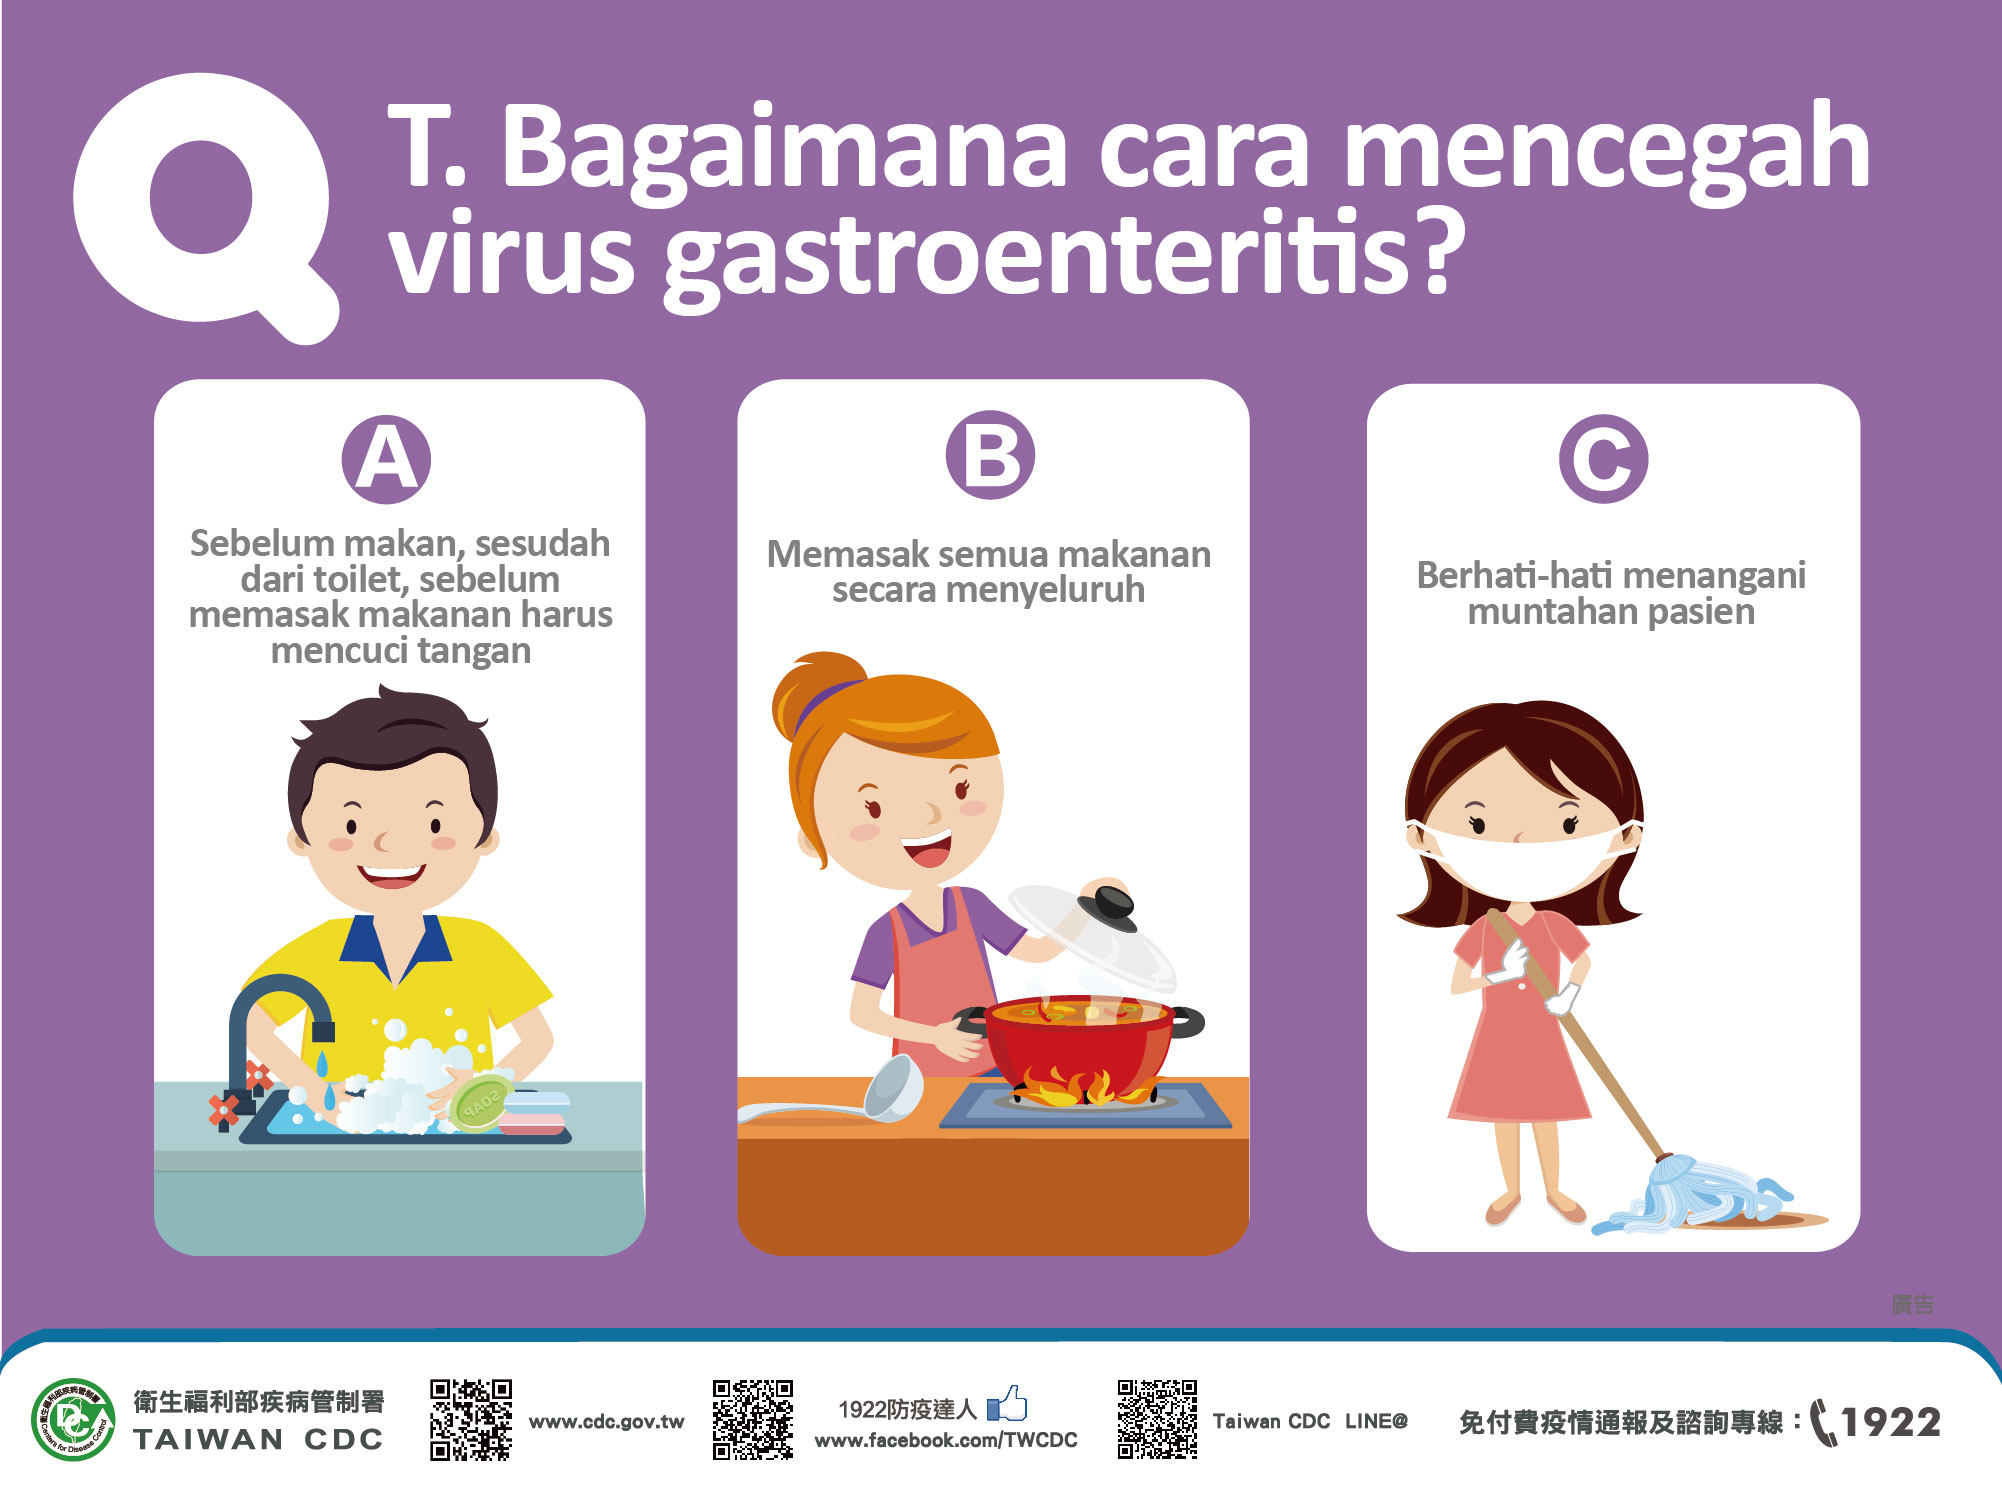 詳如附件【Klik】T. Bagaimana cara mencegah virus gastroenteritis?如何預防病毒性腸胃炎(印尼文)